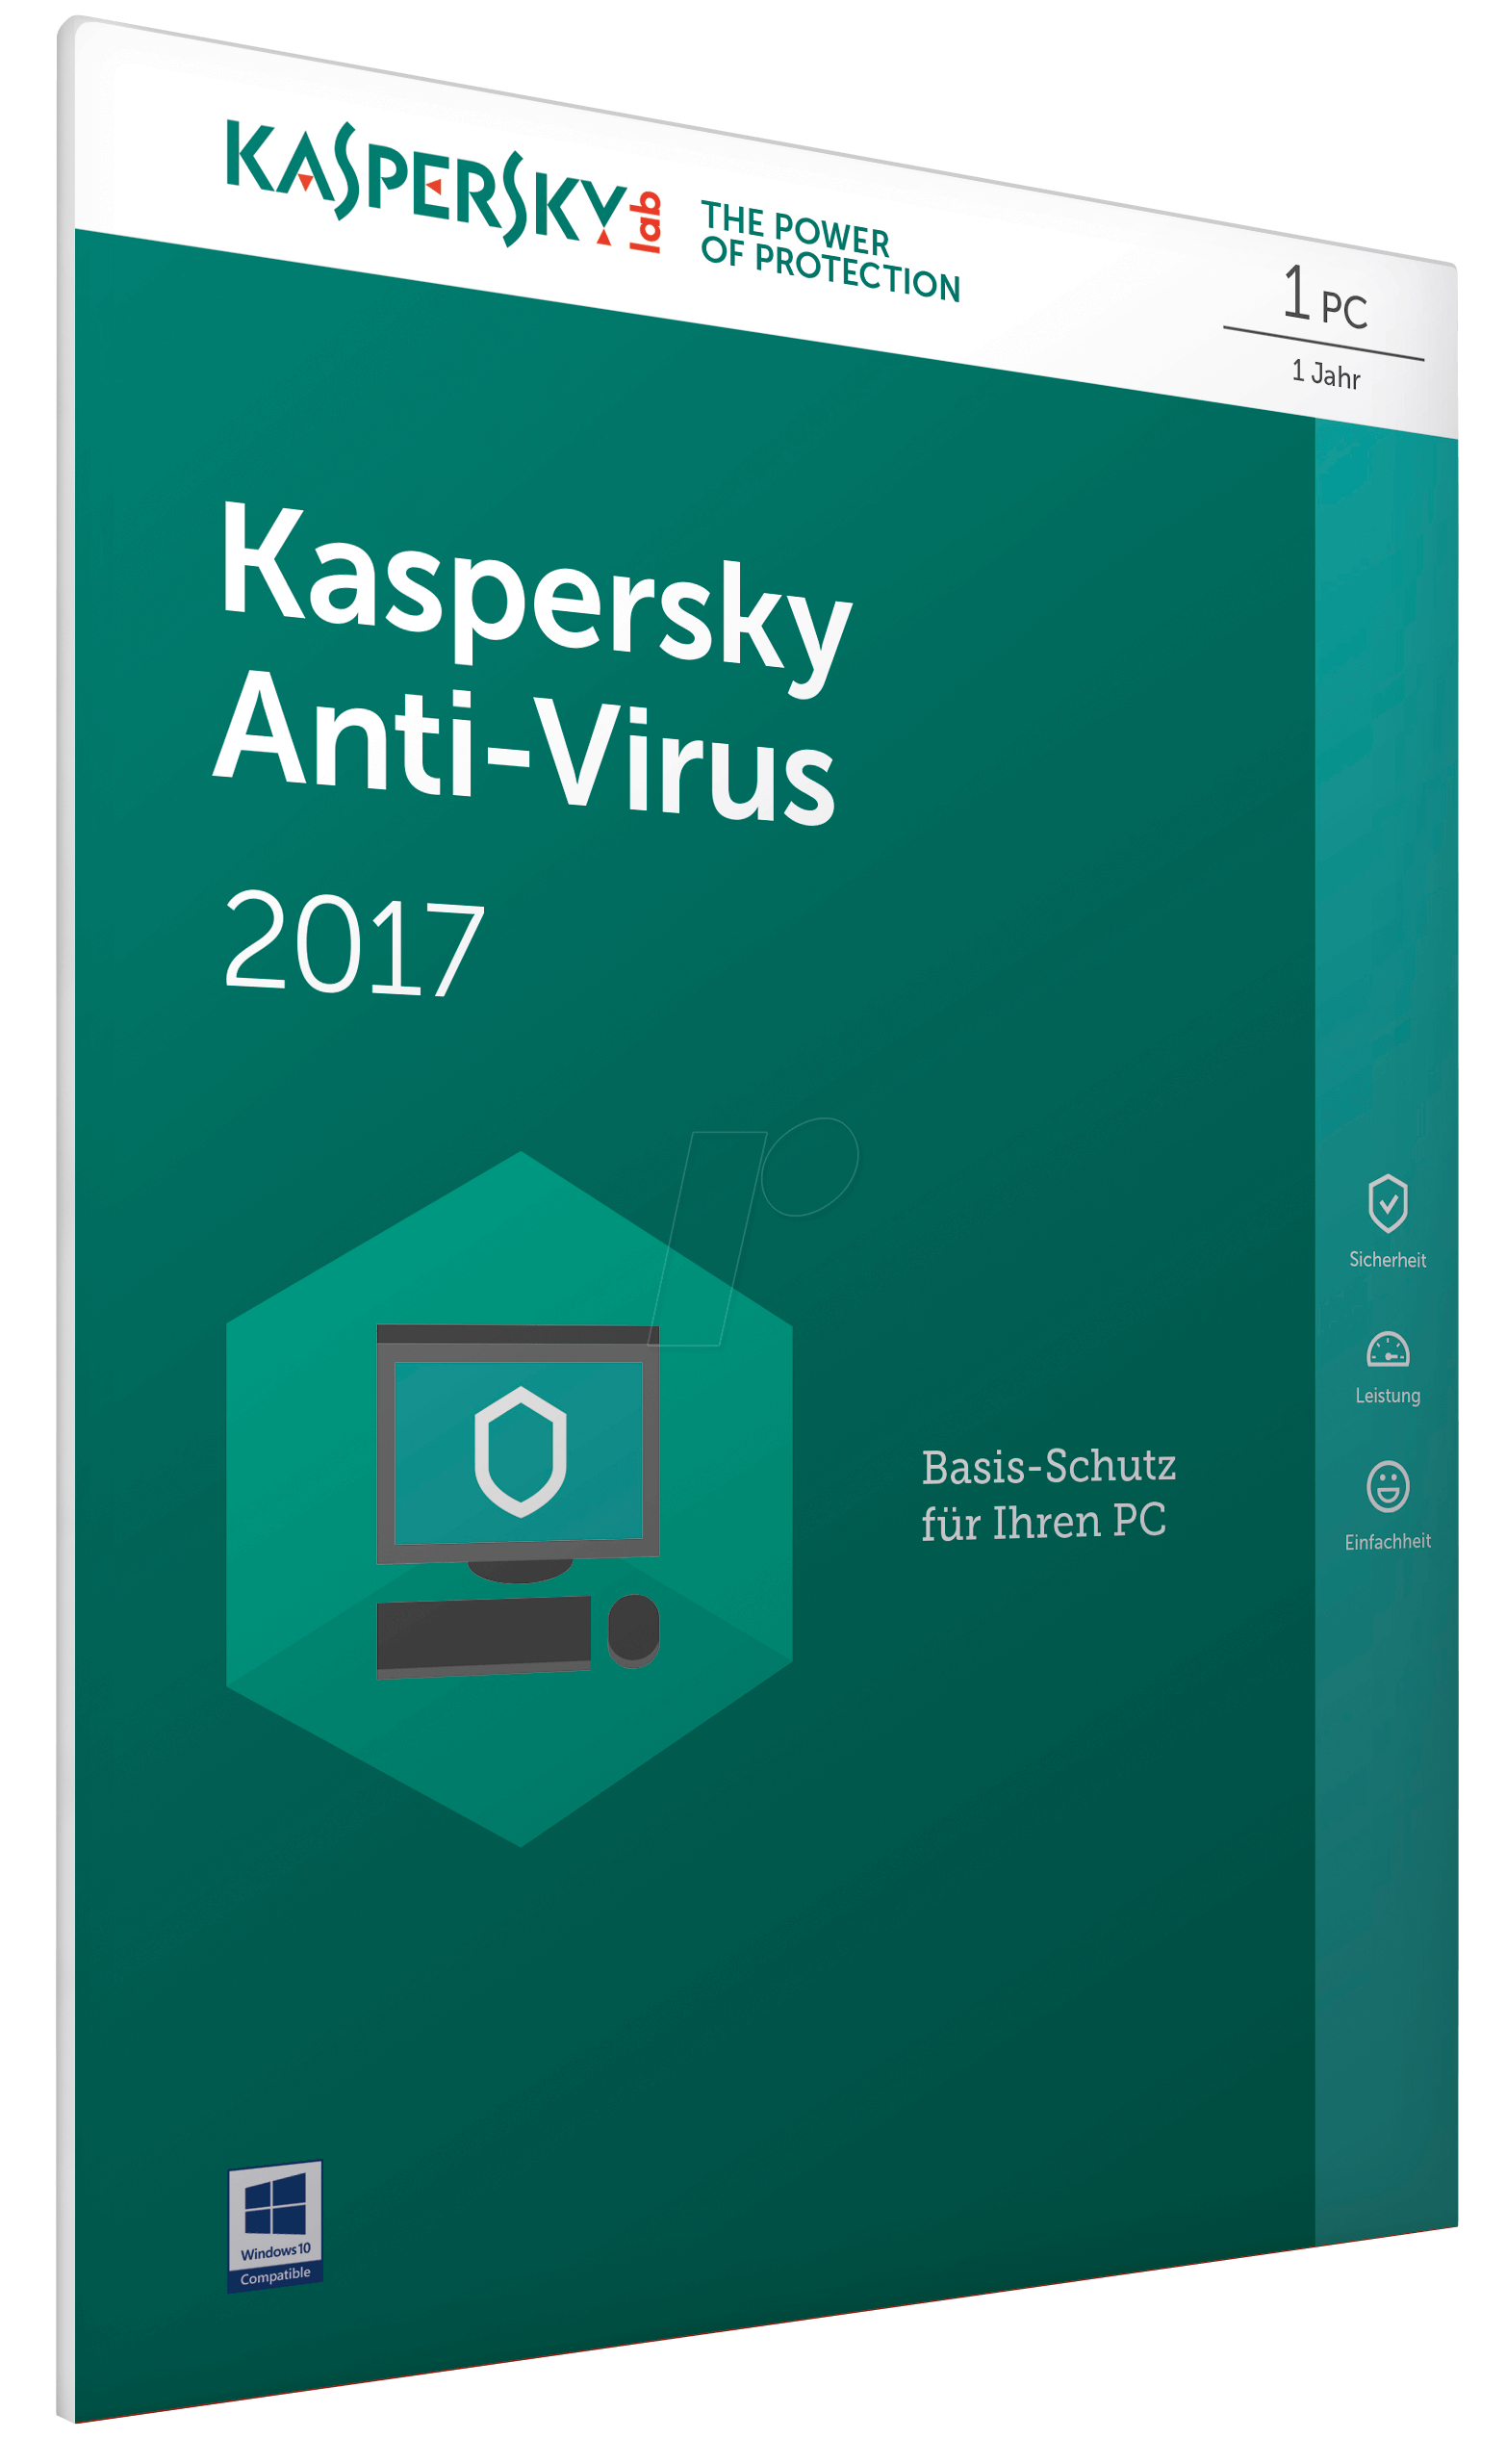 https://cdn-reichelt.de/bilder/web/xxl_ws/G500/KASPERSKY_AV2017_01.png